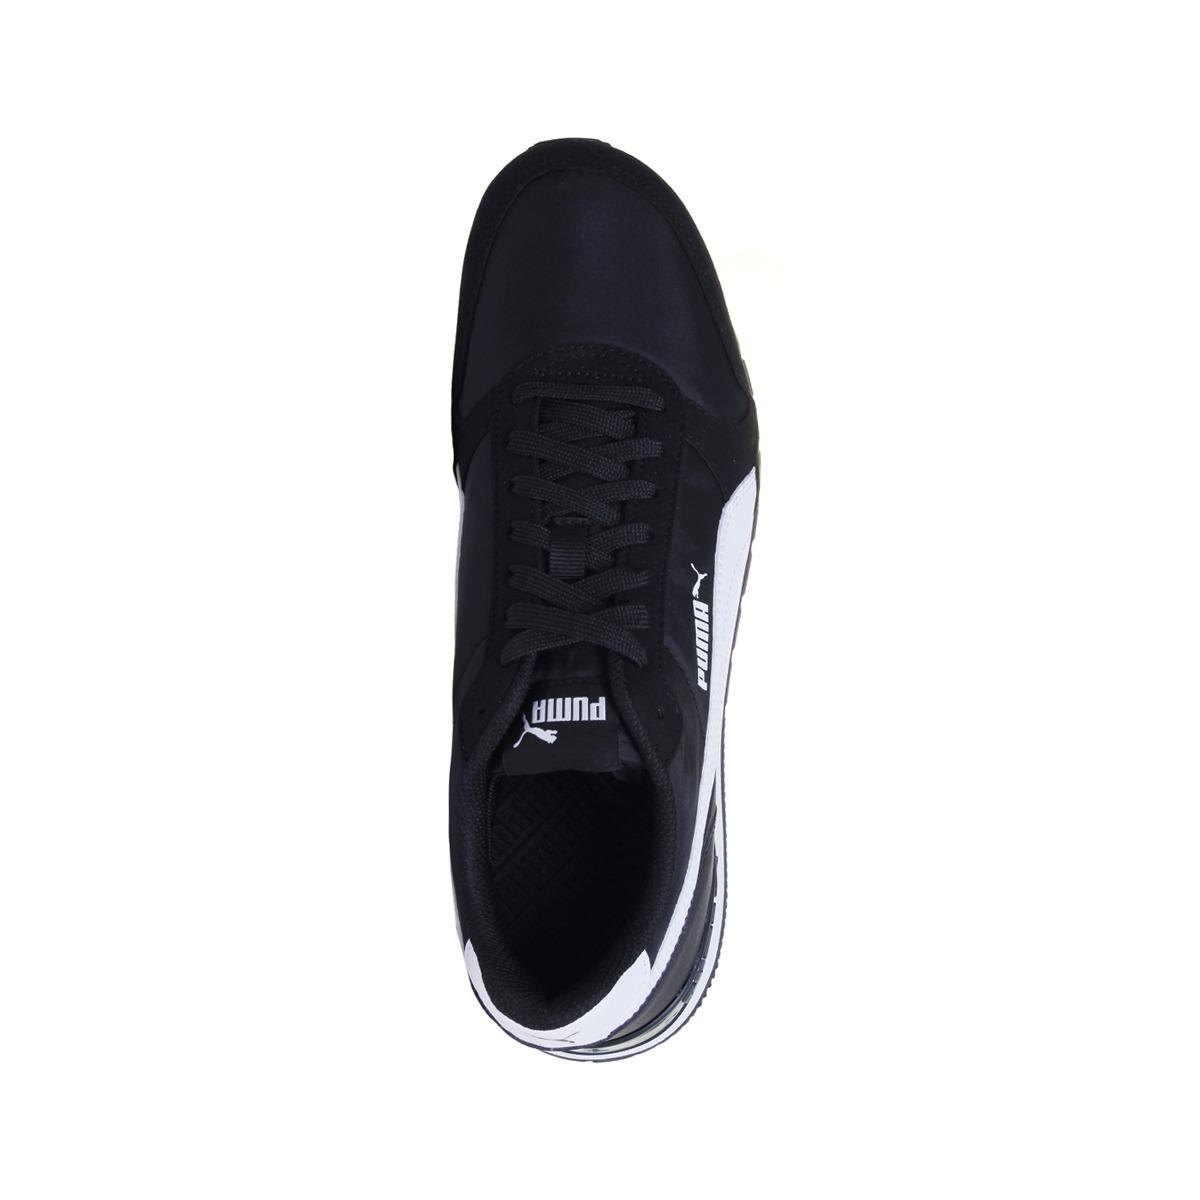 e57f700f4a1d4 zapatillas puma moda st runner v2 nl ng bl. Cargando zoom.